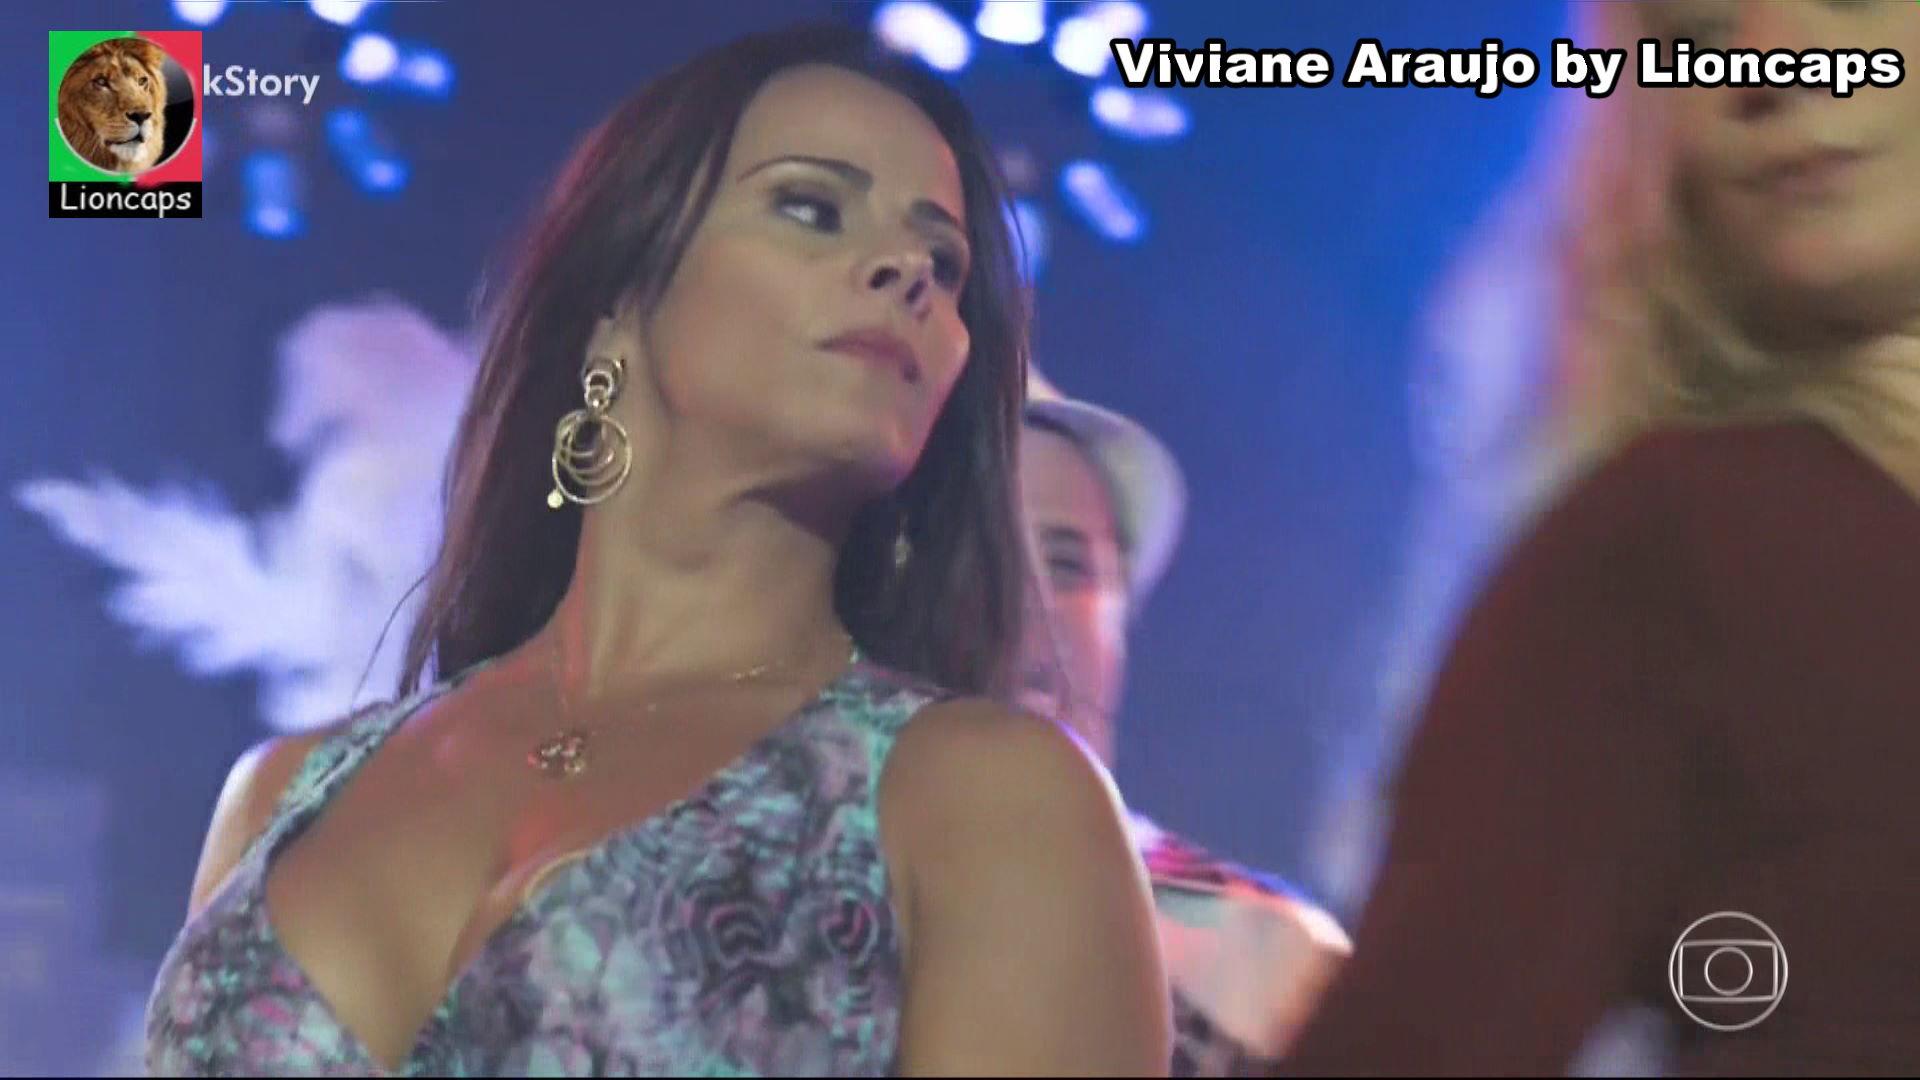 680943489_viviane_araujo_vs181201_15811_122_33lo.JPG